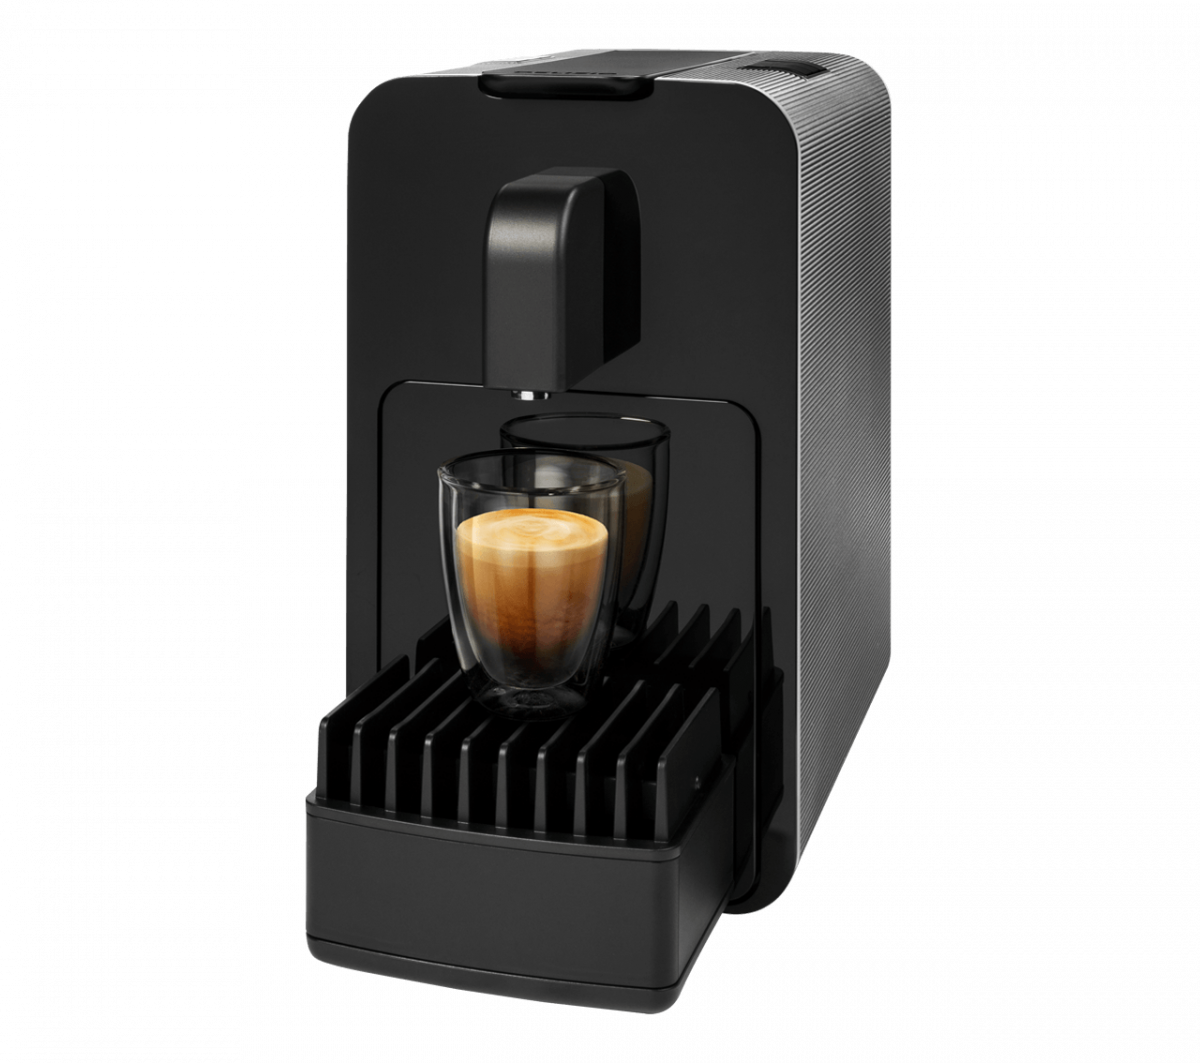 www nespresso com detartrage awesome la cafetire. Black Bedroom Furniture Sets. Home Design Ideas